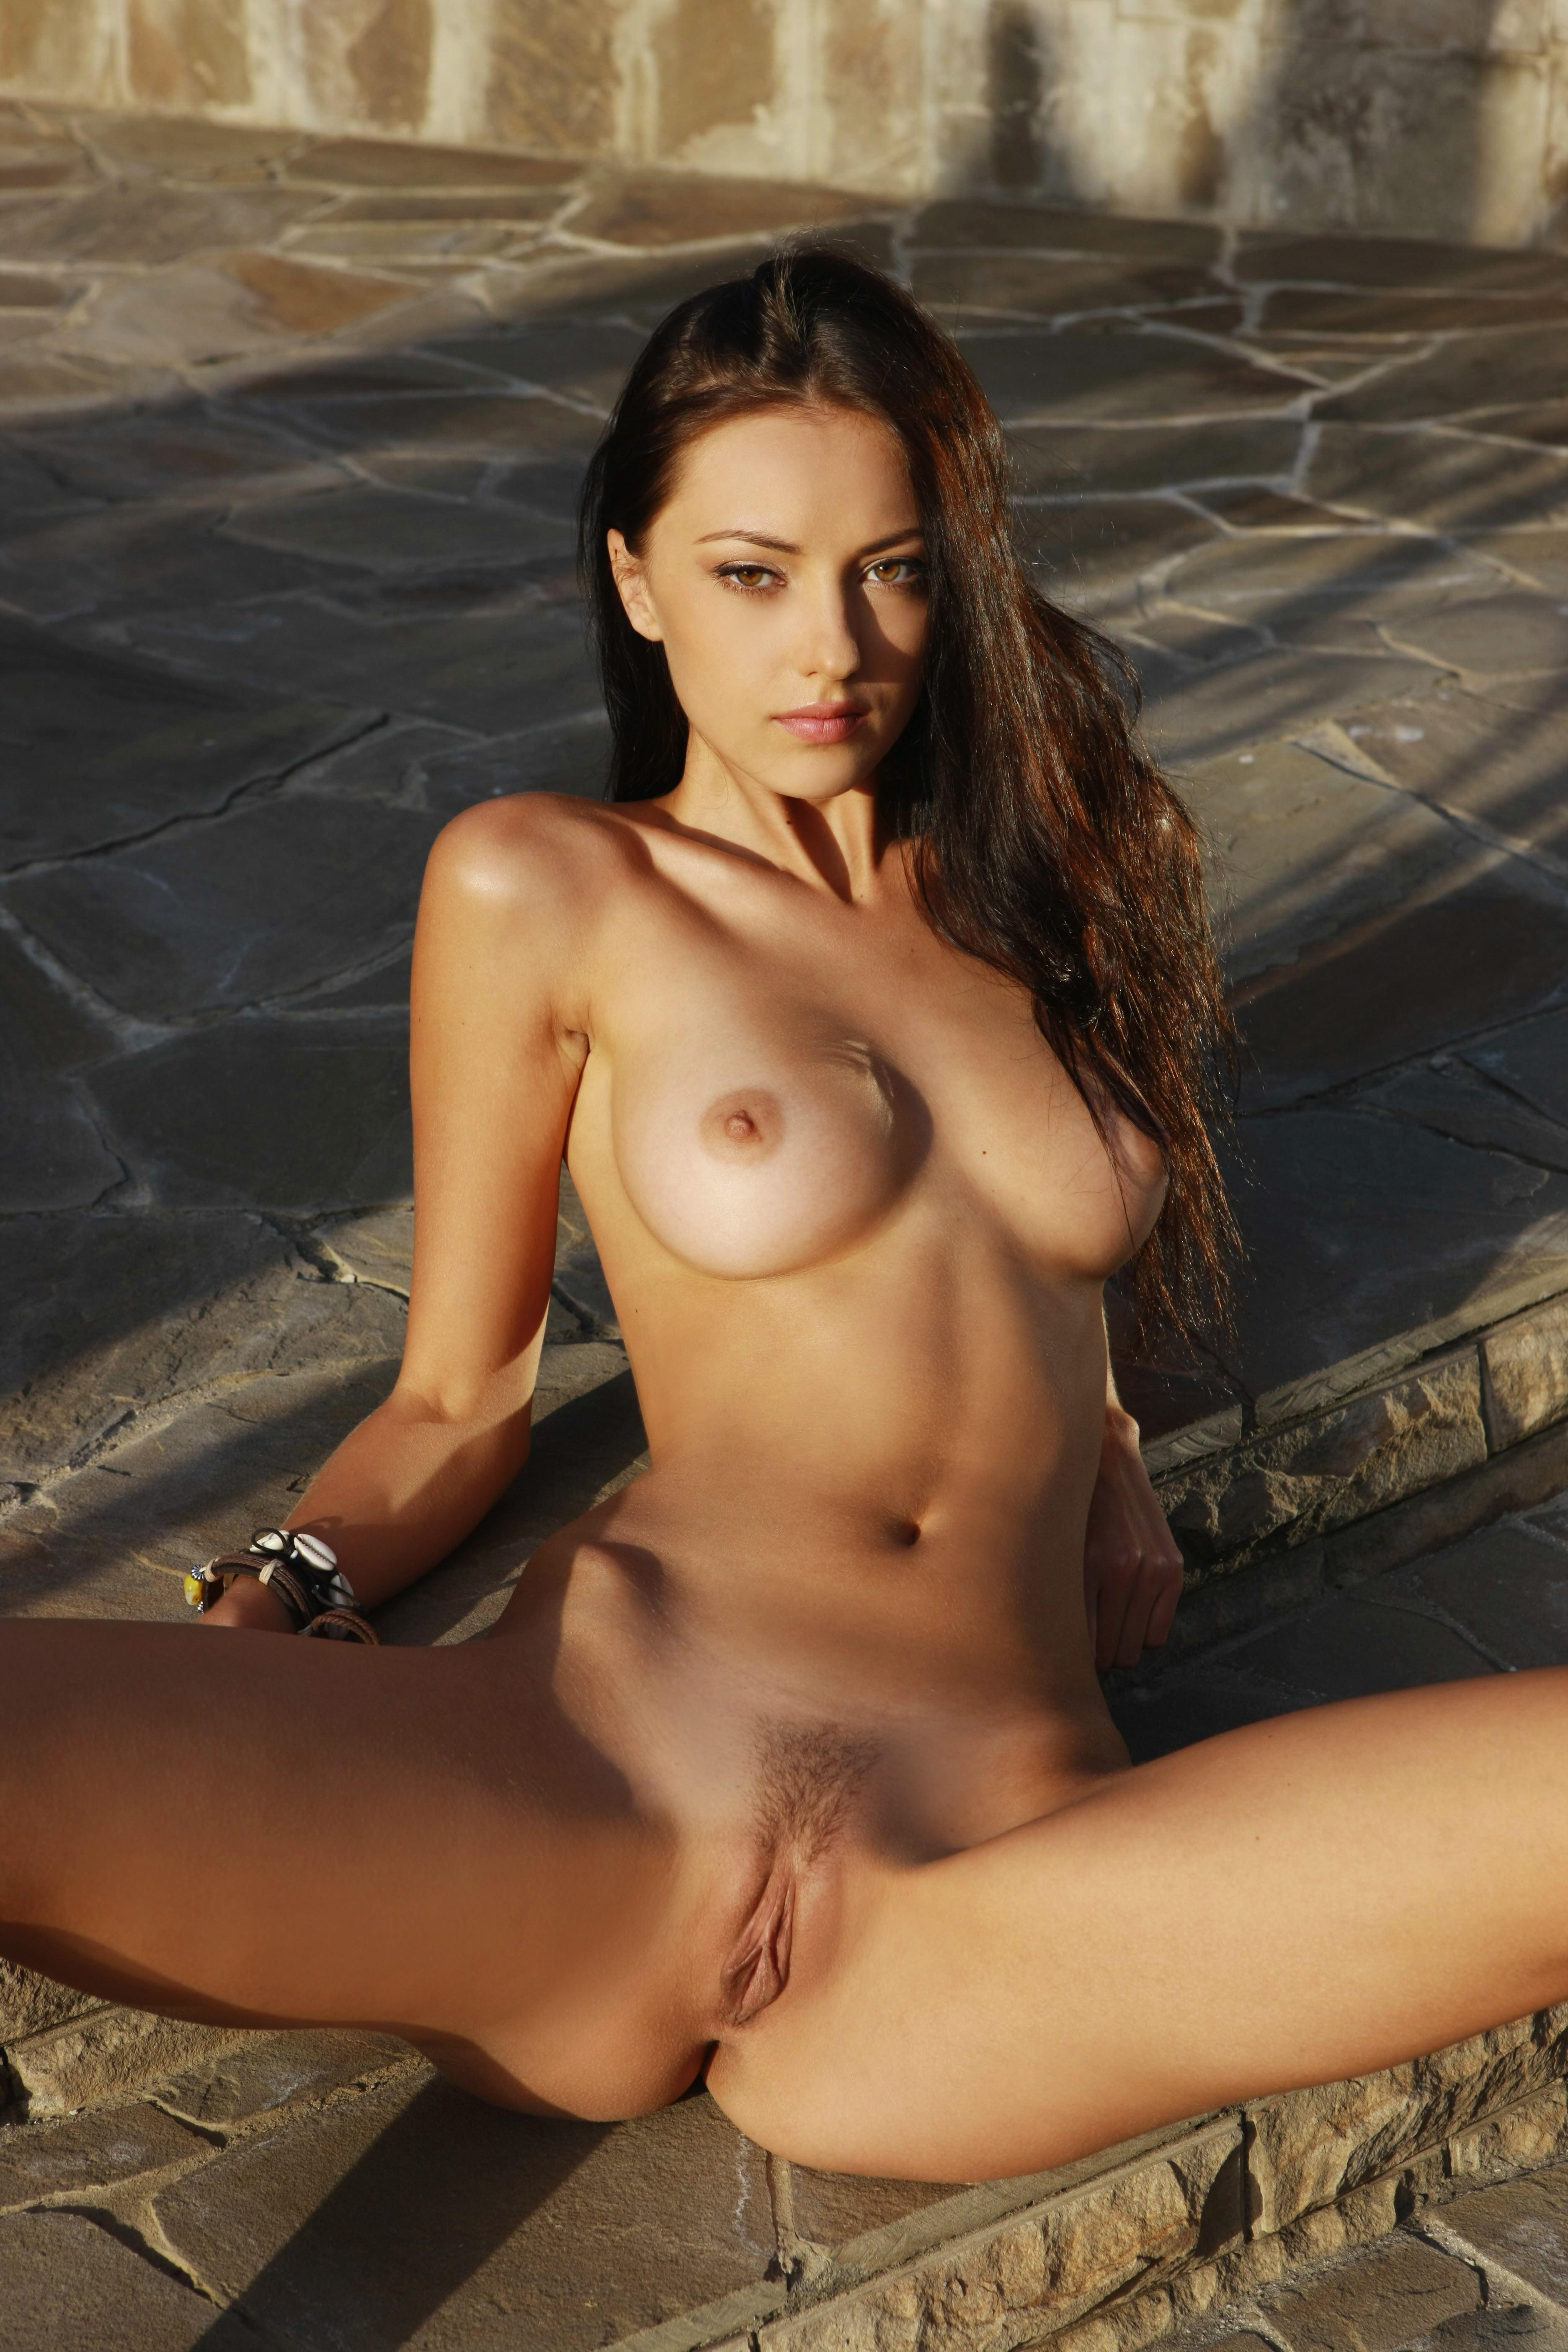 Annas porno, Die erste Dame nackt